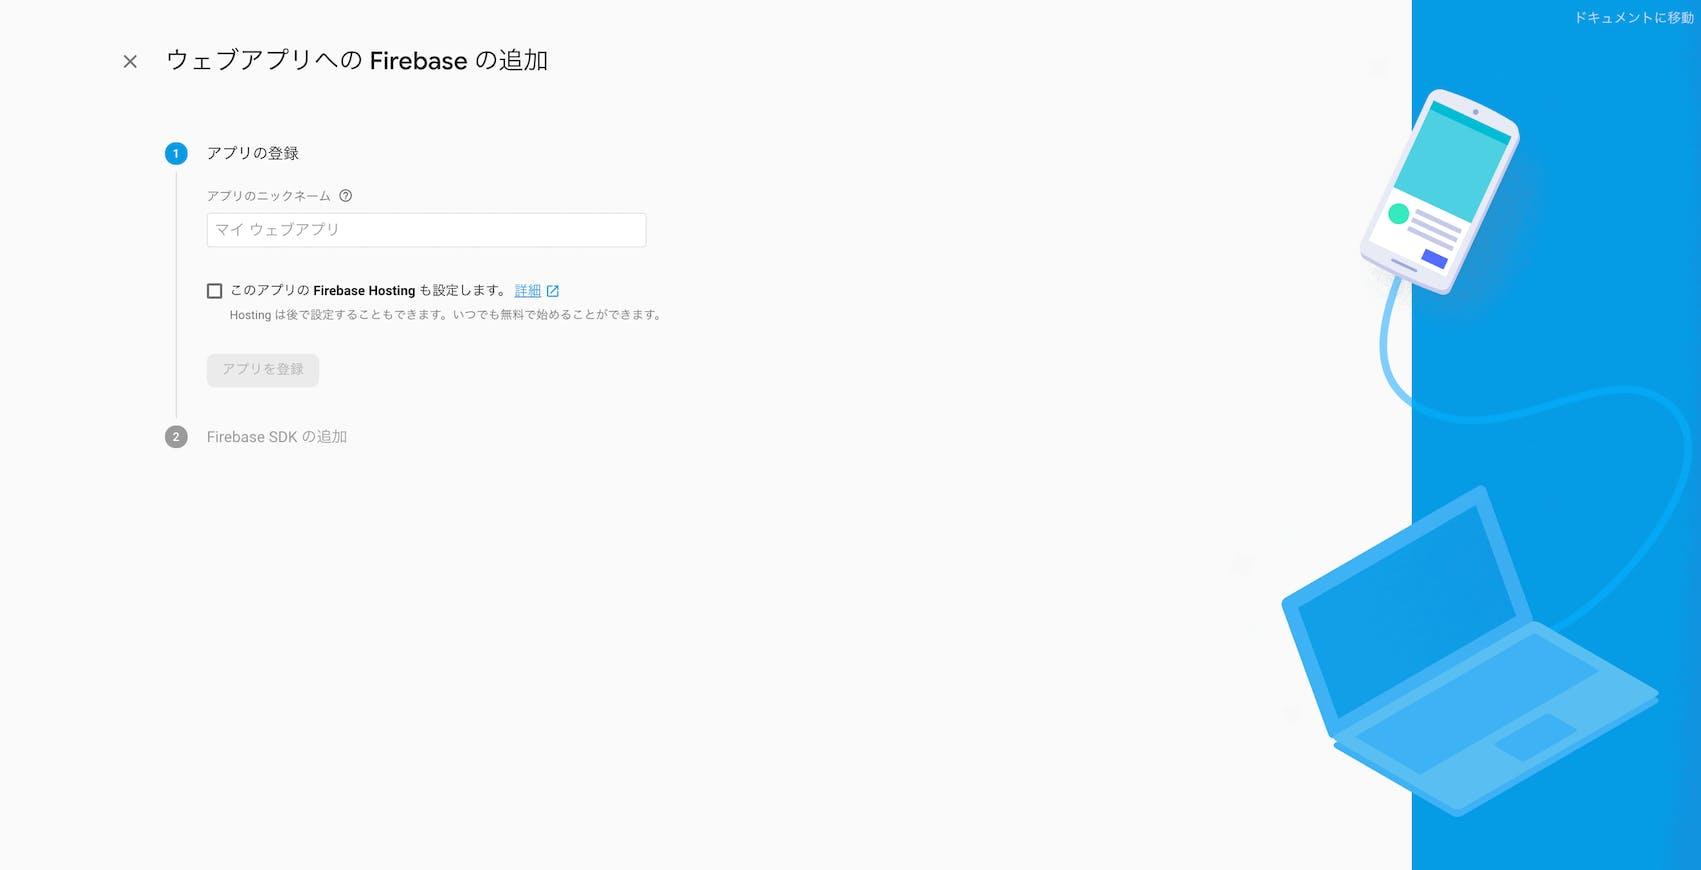 スクリーンショット 2019-07-30 11.37.59.png